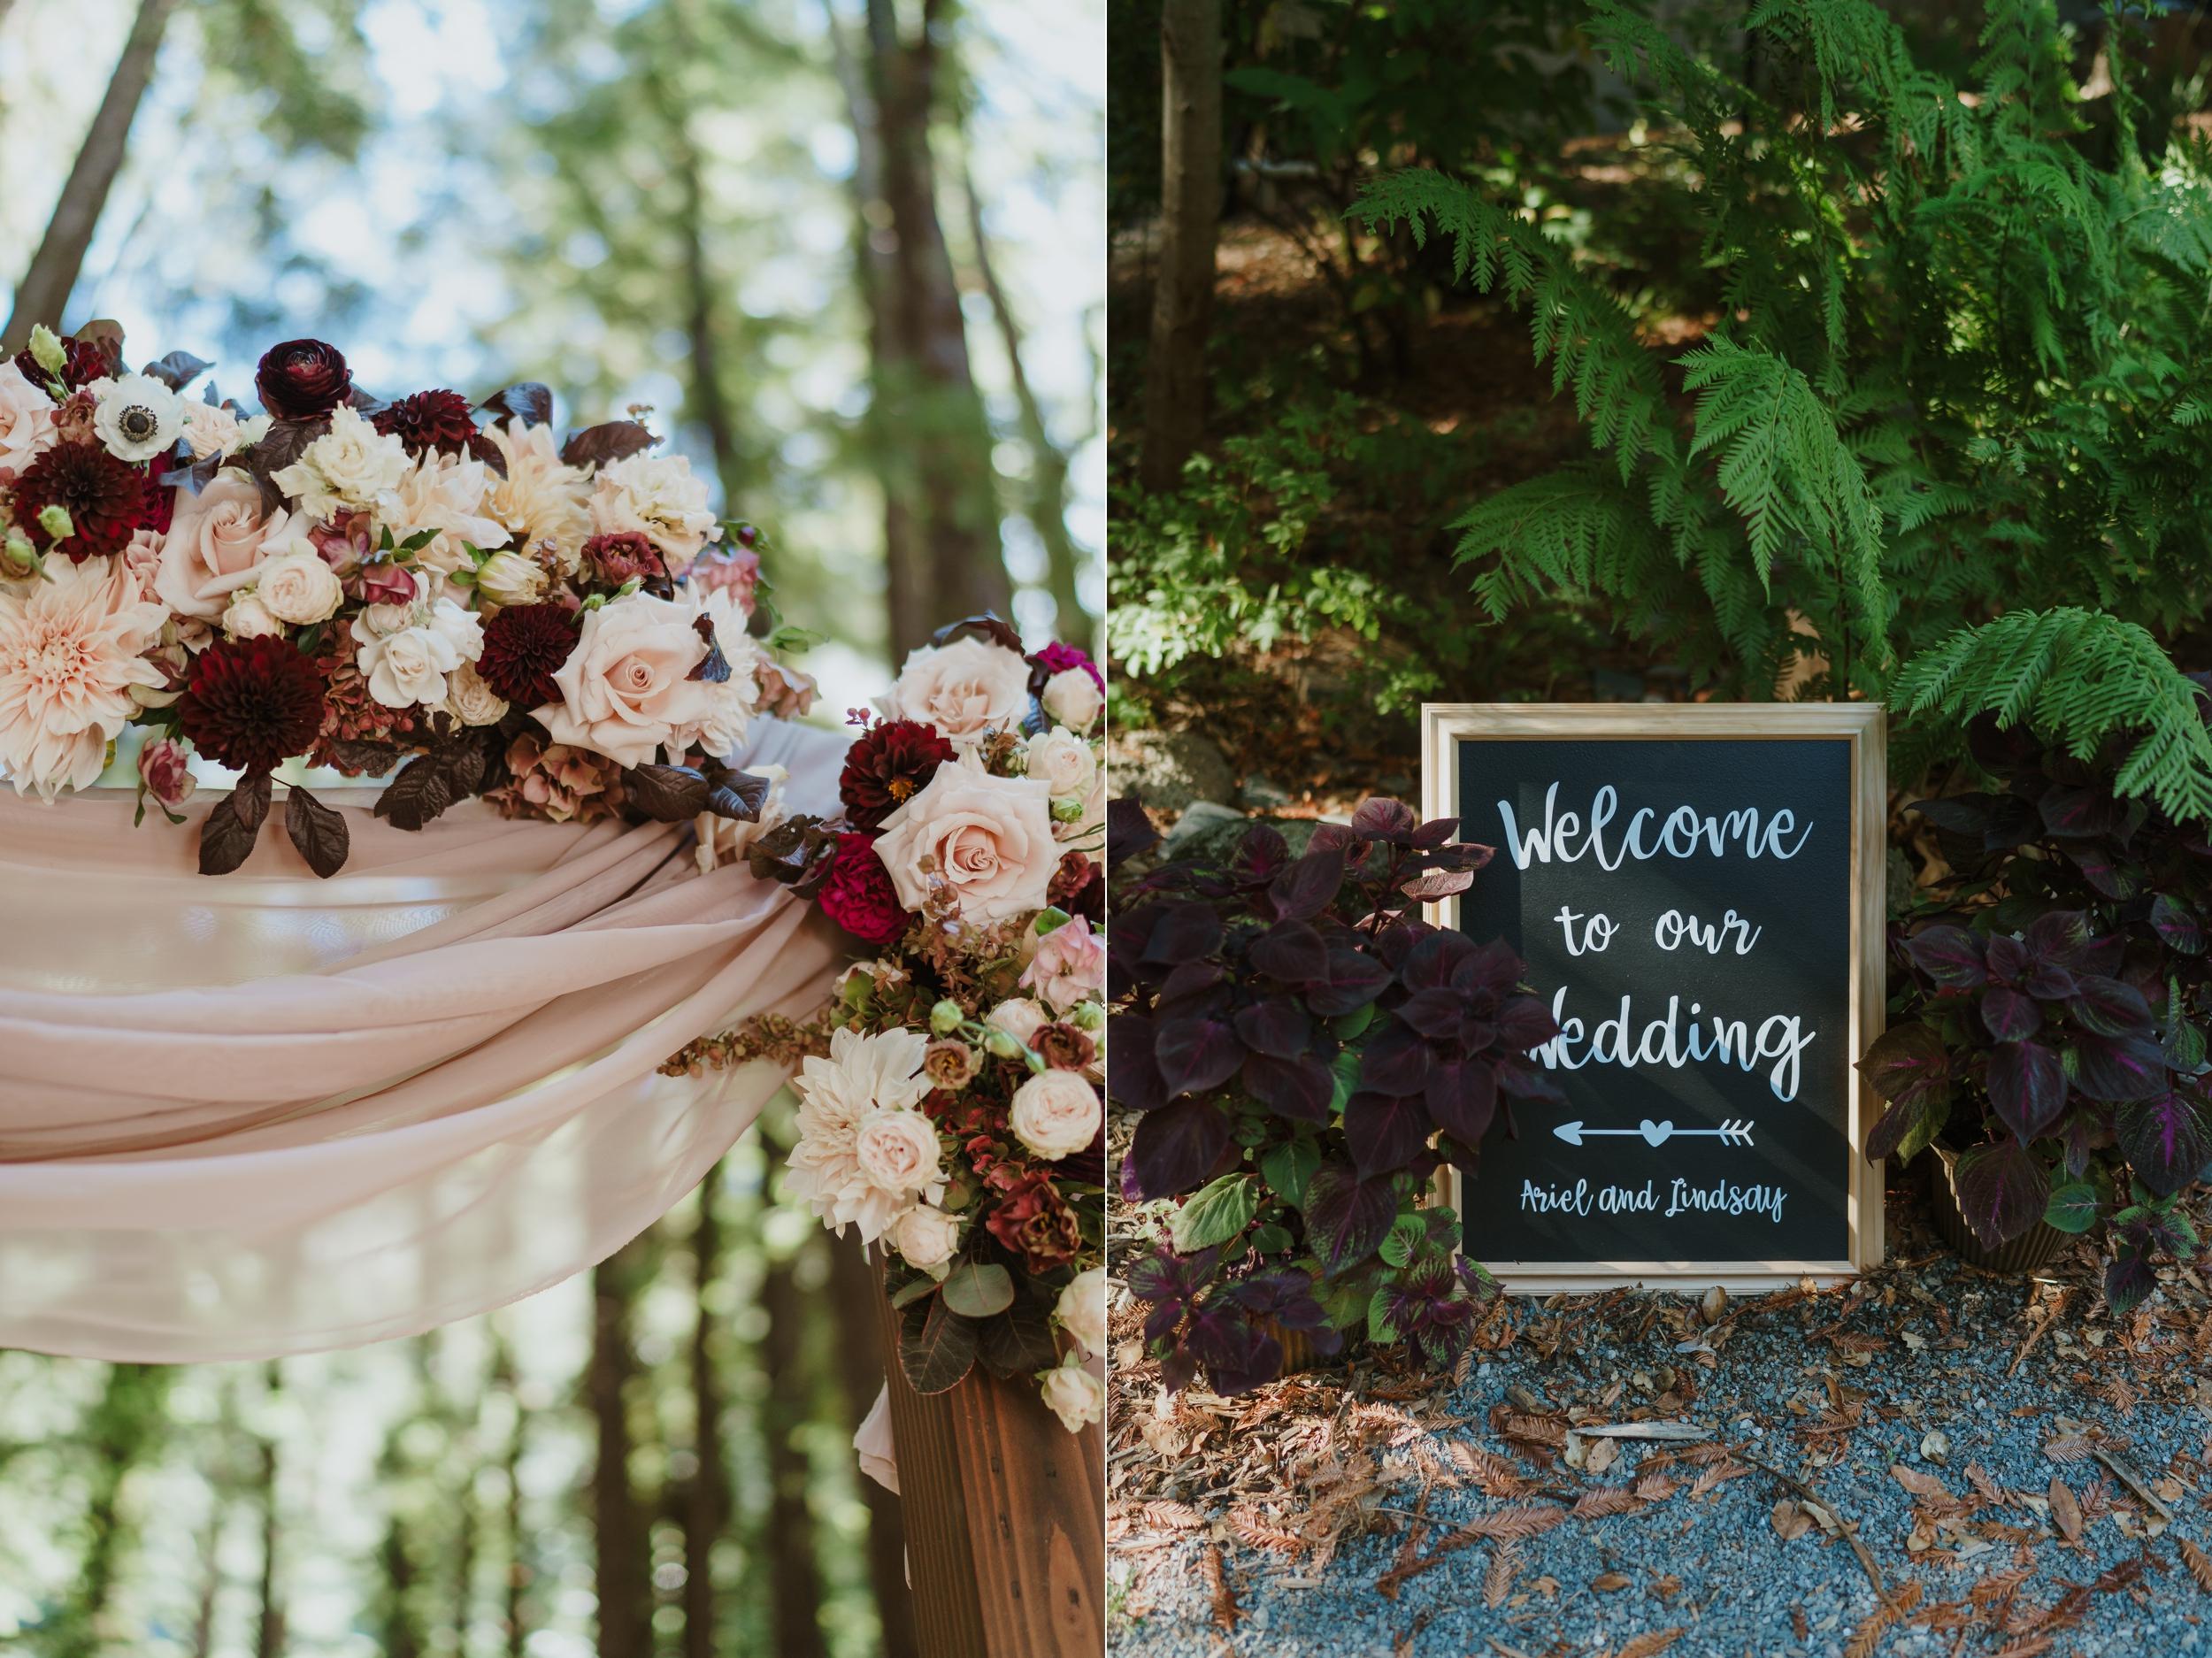 25-old-mill-park-mill-valley-community-center-wedding-vivianchen-012_WEB.jpg